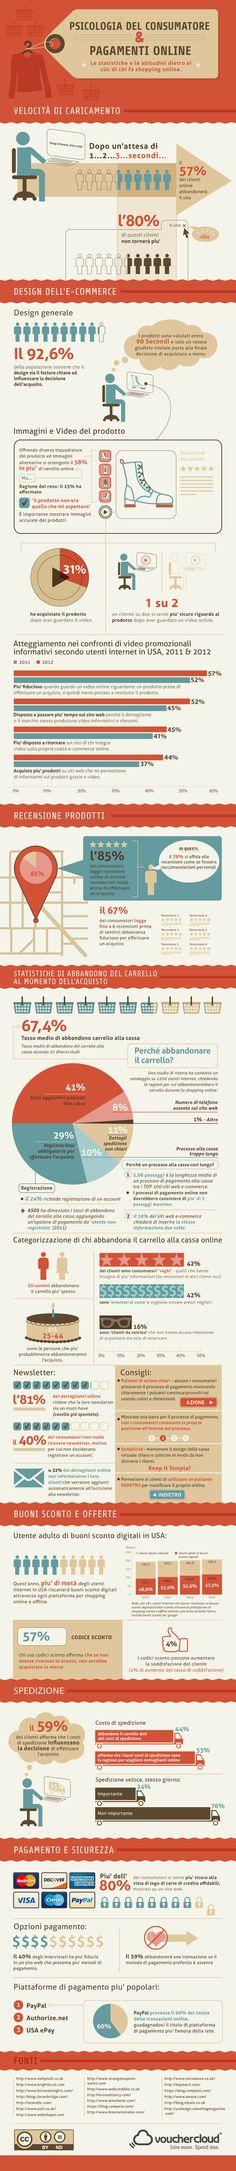 L'e-commerce si conferma come metodo anti-crisi per le aziende italiane